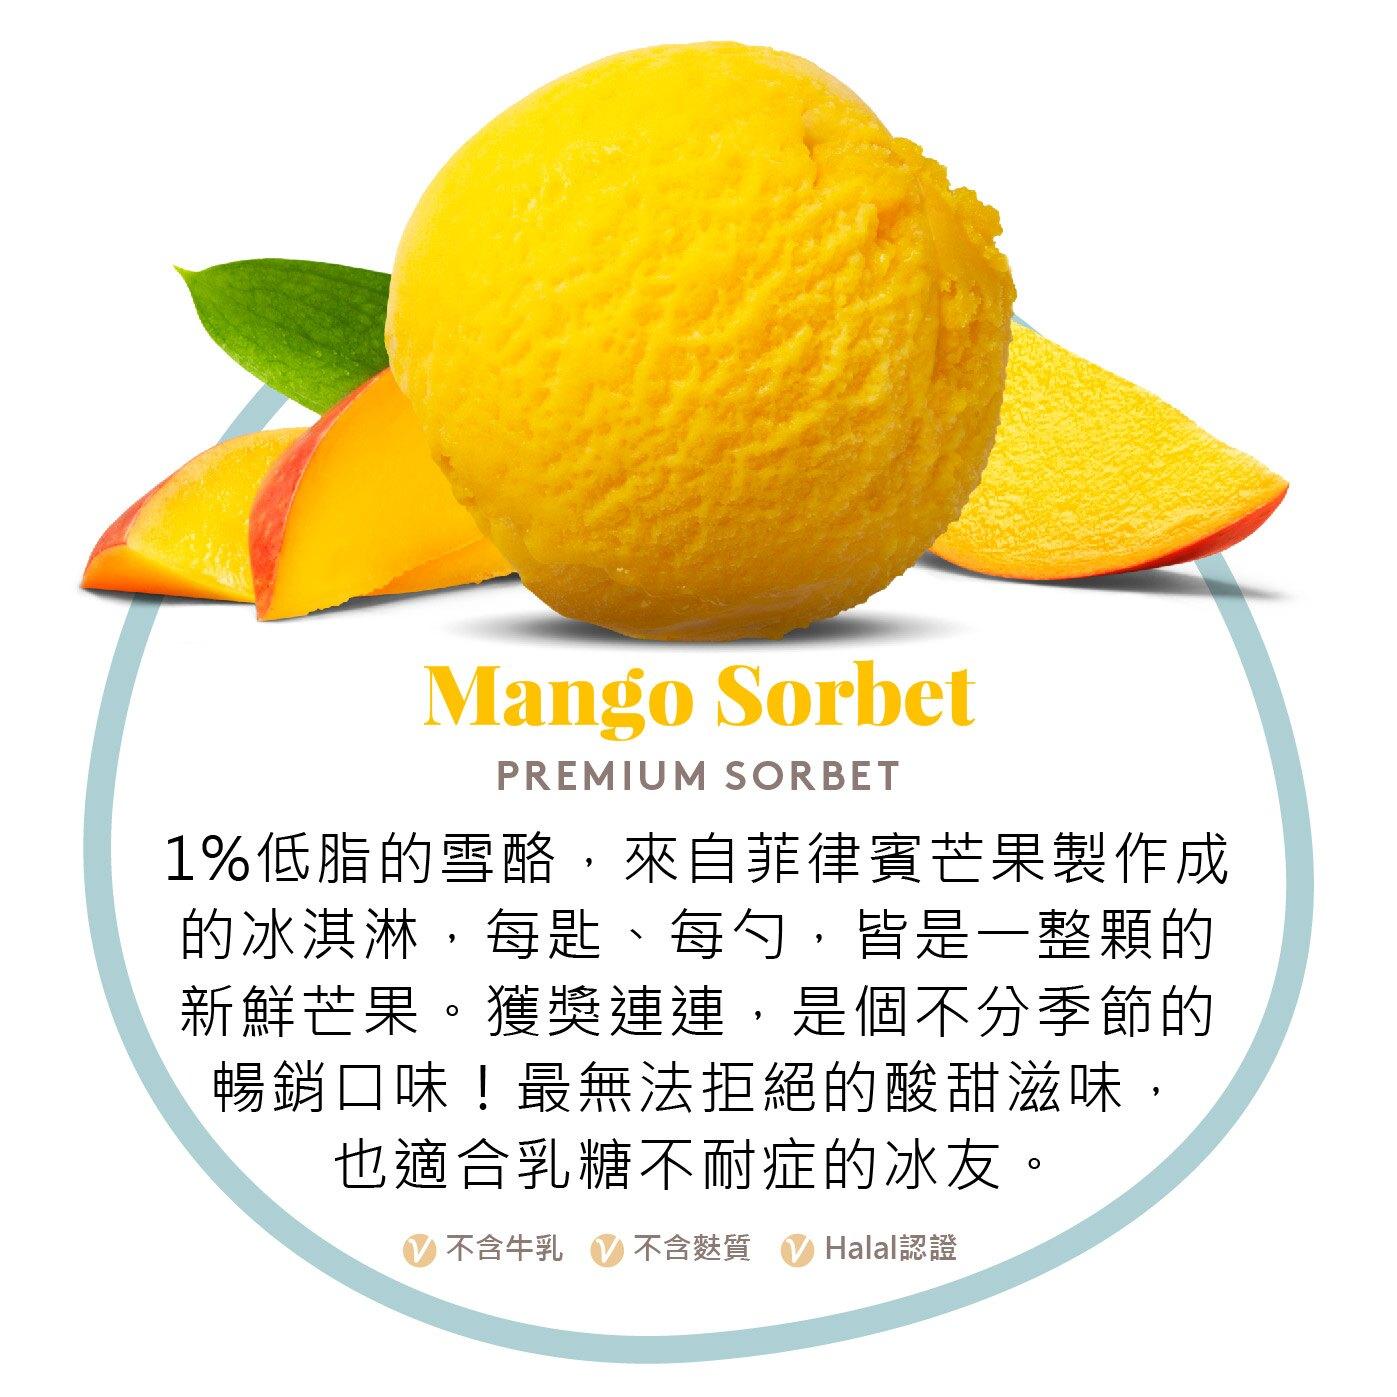 ★紐芝蘭樂活冰淇淋//芒果雪酪單杯//★僅含1%脂肪的冰淇淋♥